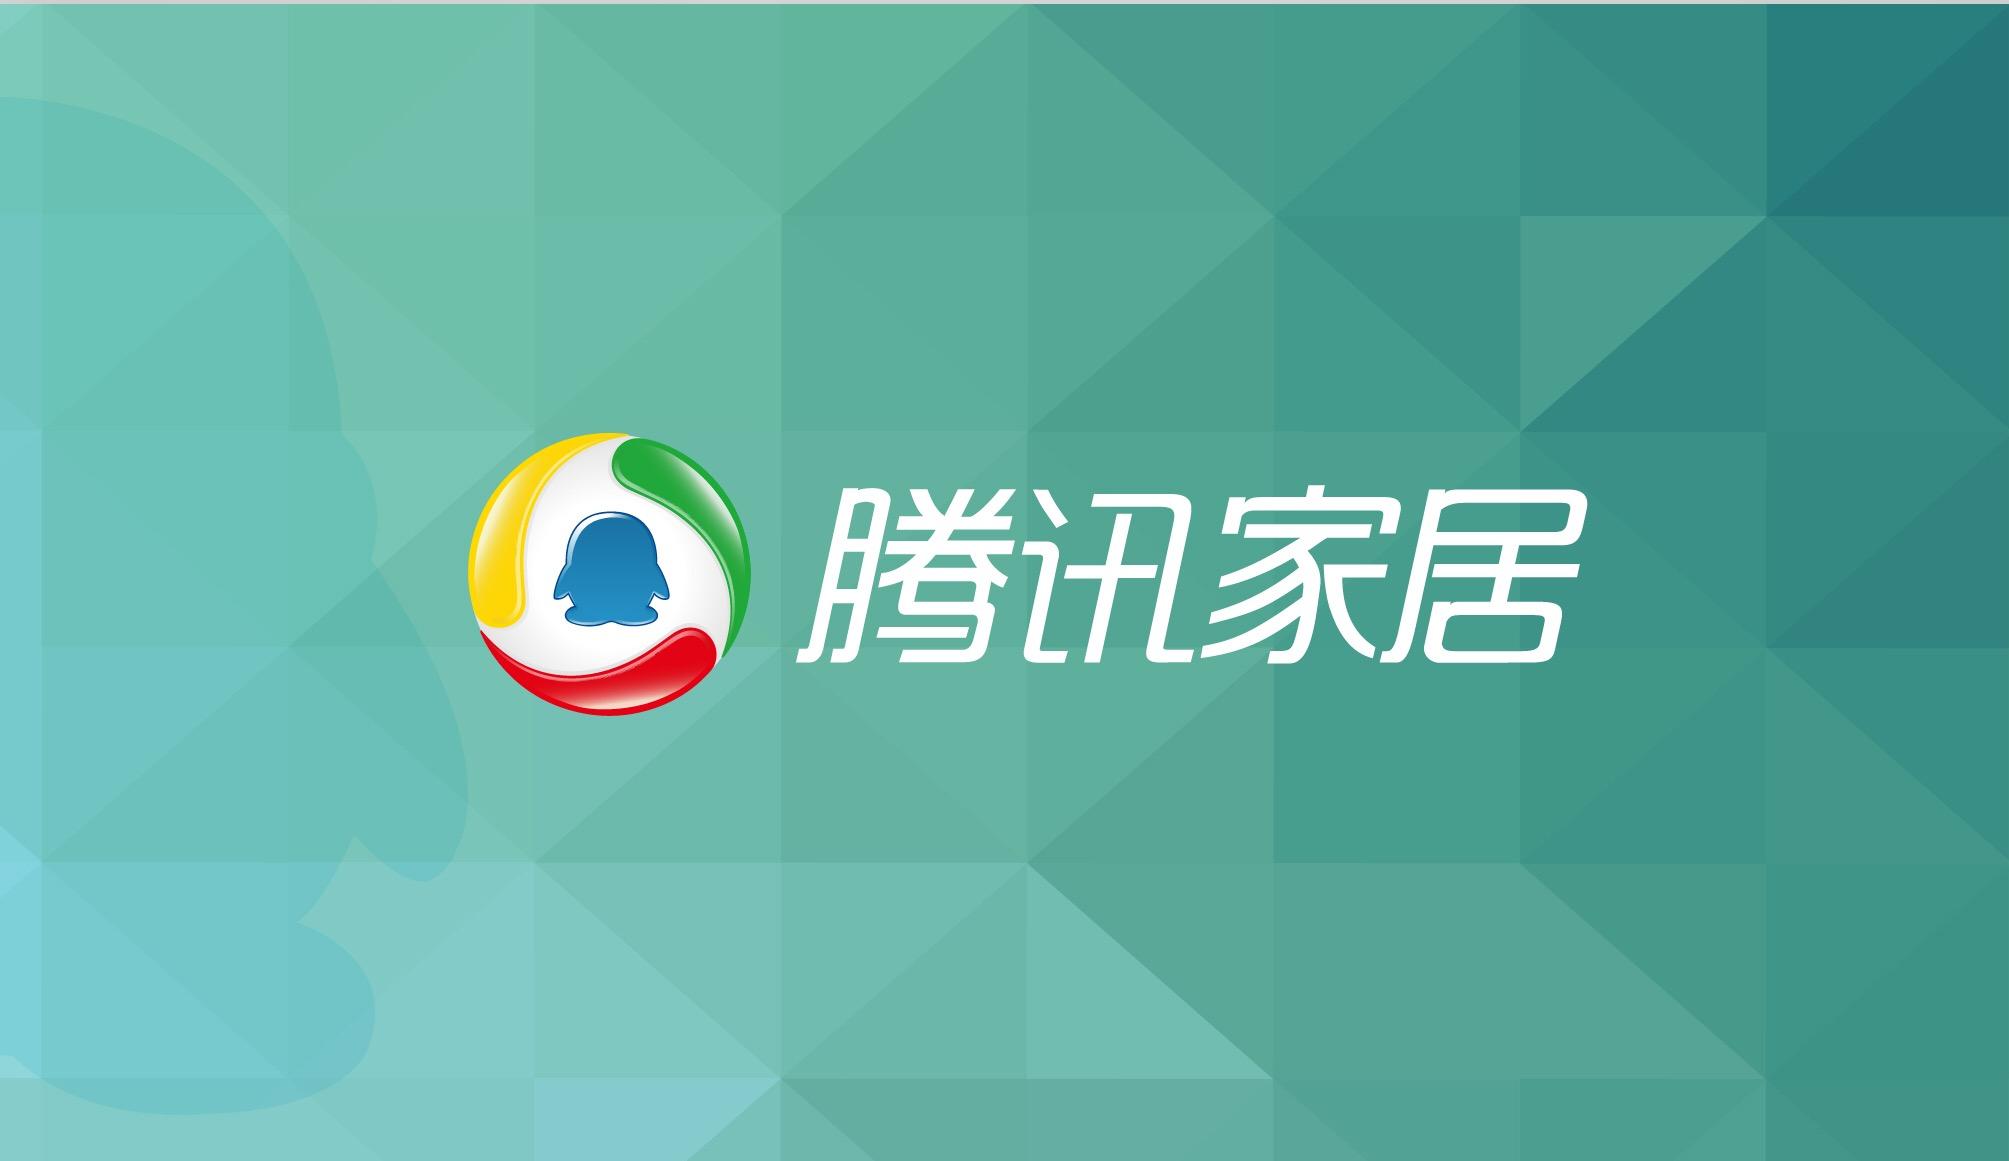 腾讯直播|腾讯家居研究院企业互访团走进中国智造——亿田